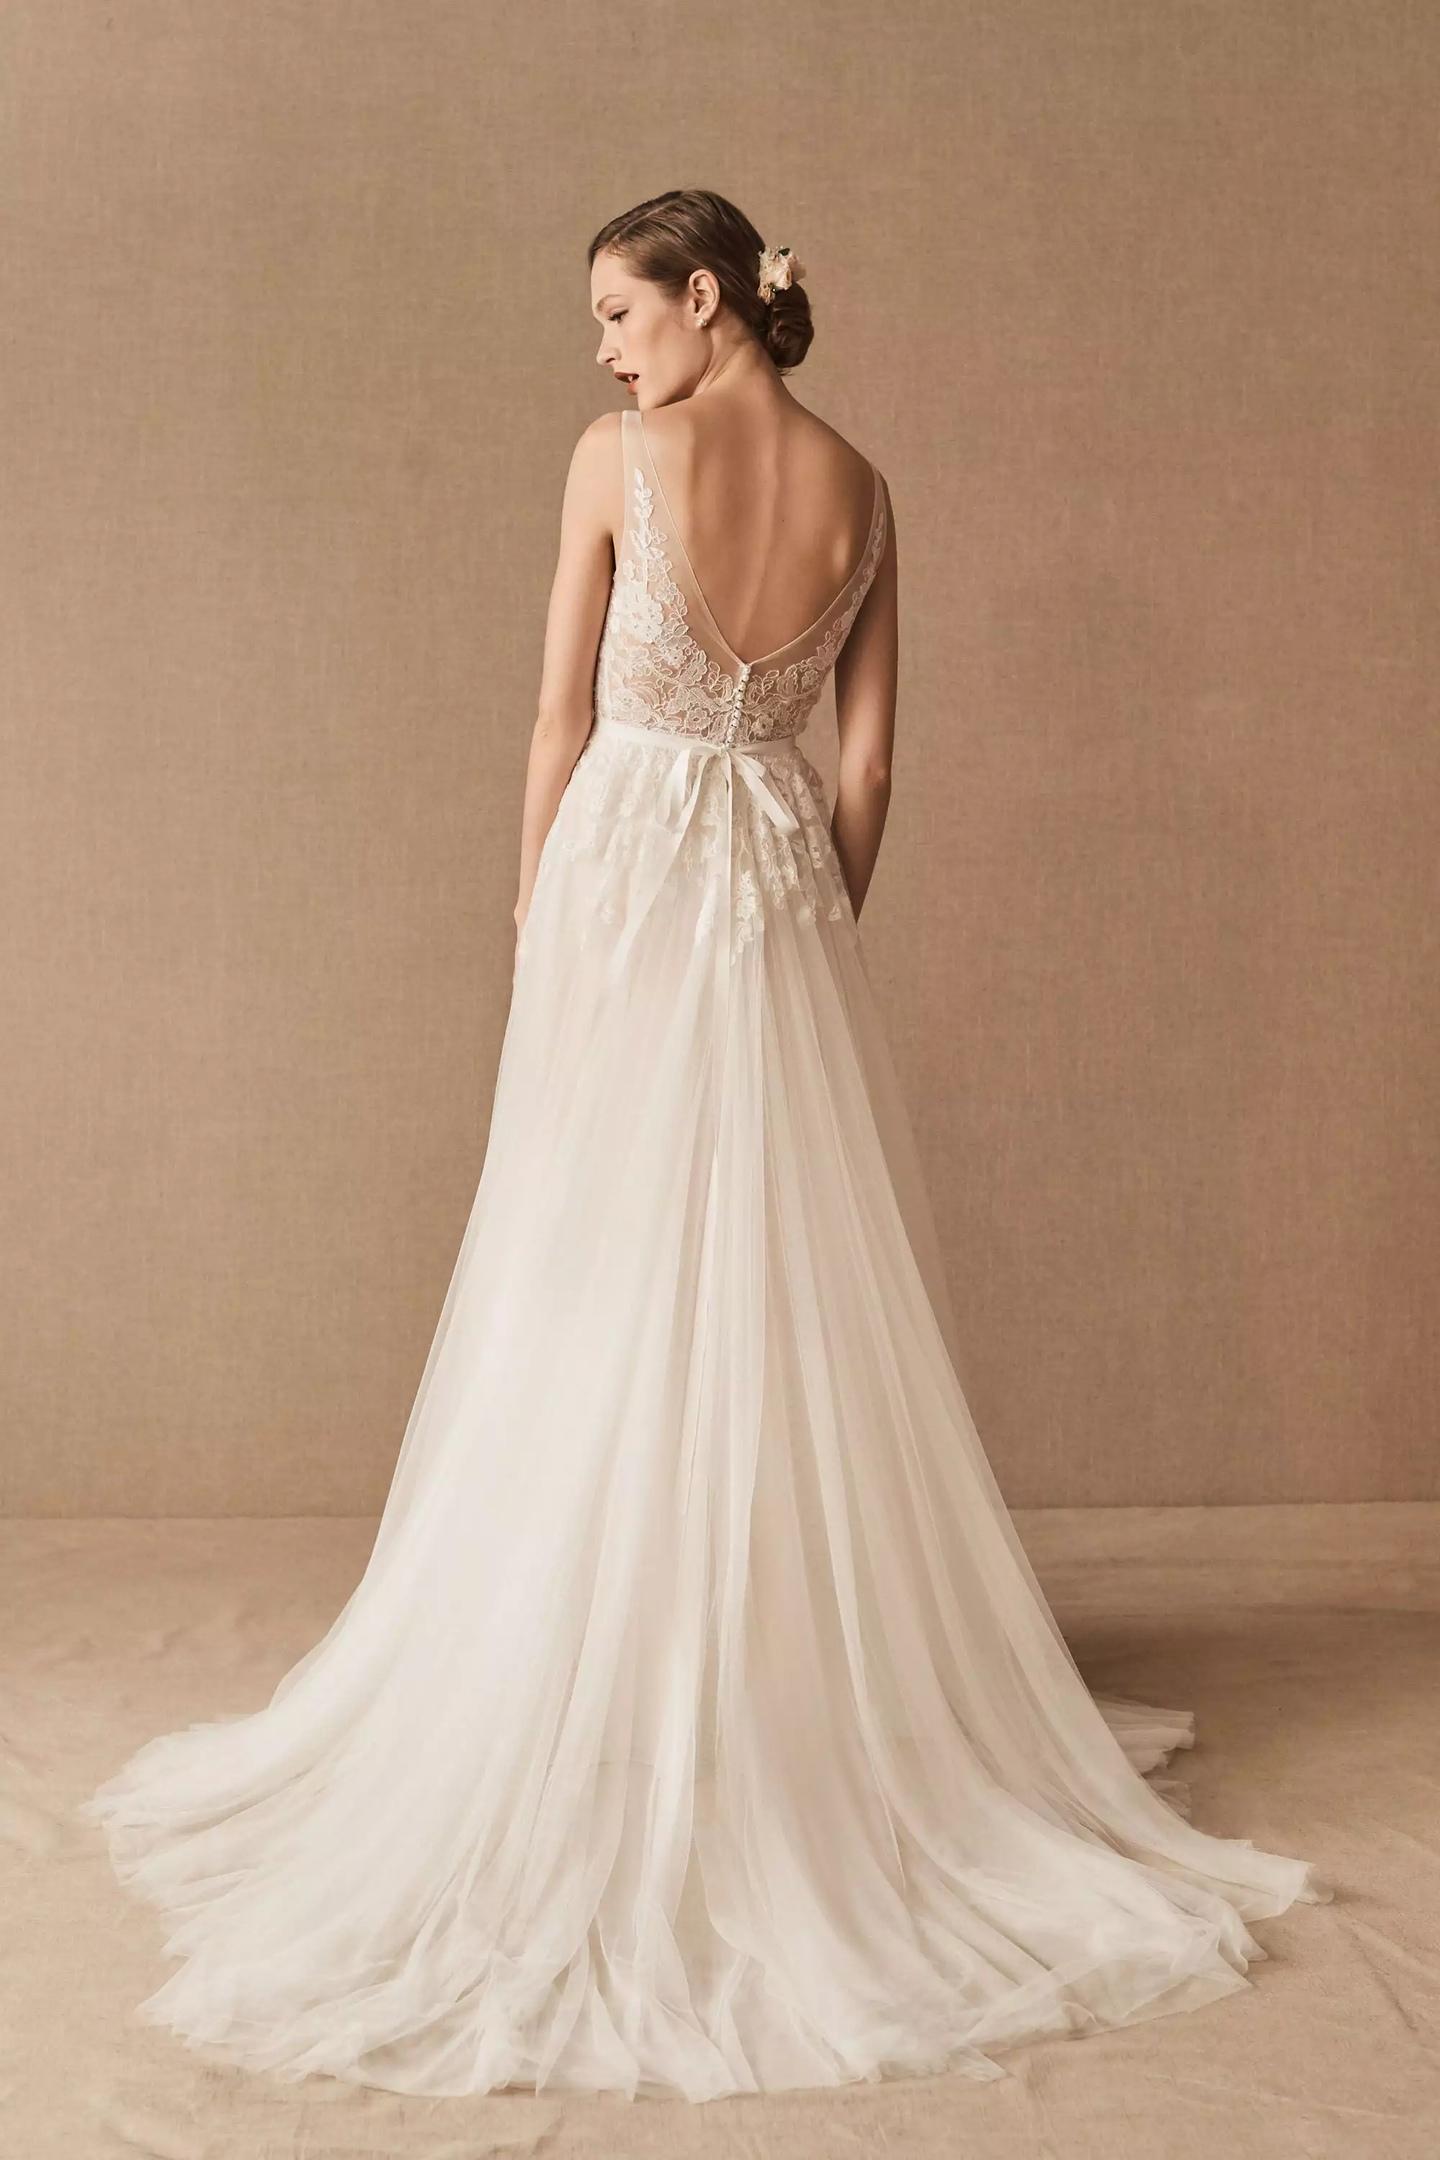 95b2iX6Fcpc - 21 романтическое платье для невесты в 2021 свадебном сезоне